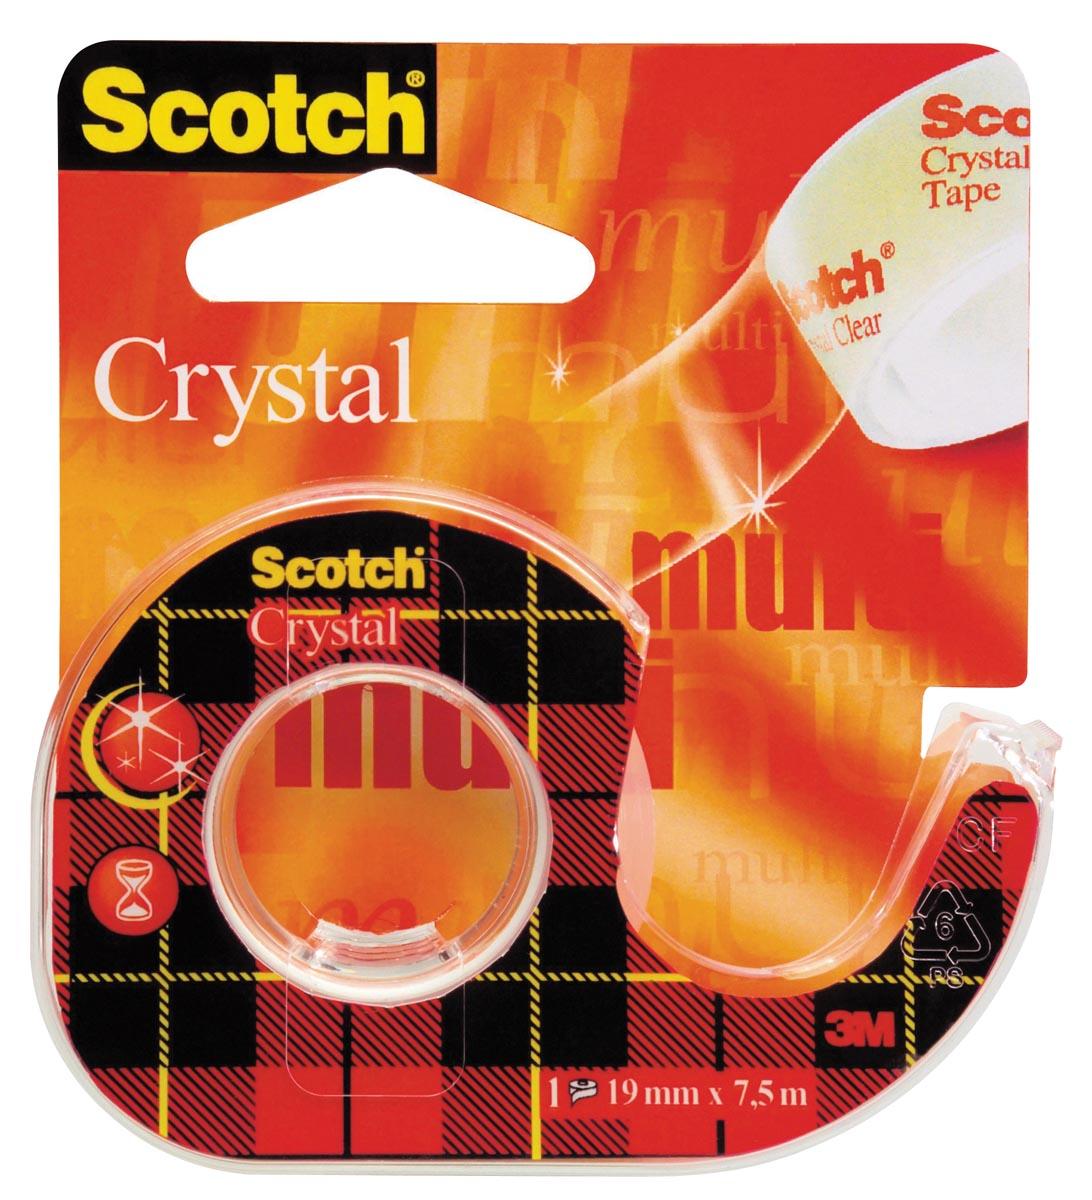 Scotch Plakband Crystal ft 19 mm x 7,5 m, blister met 1 afroller met 1 rolletje